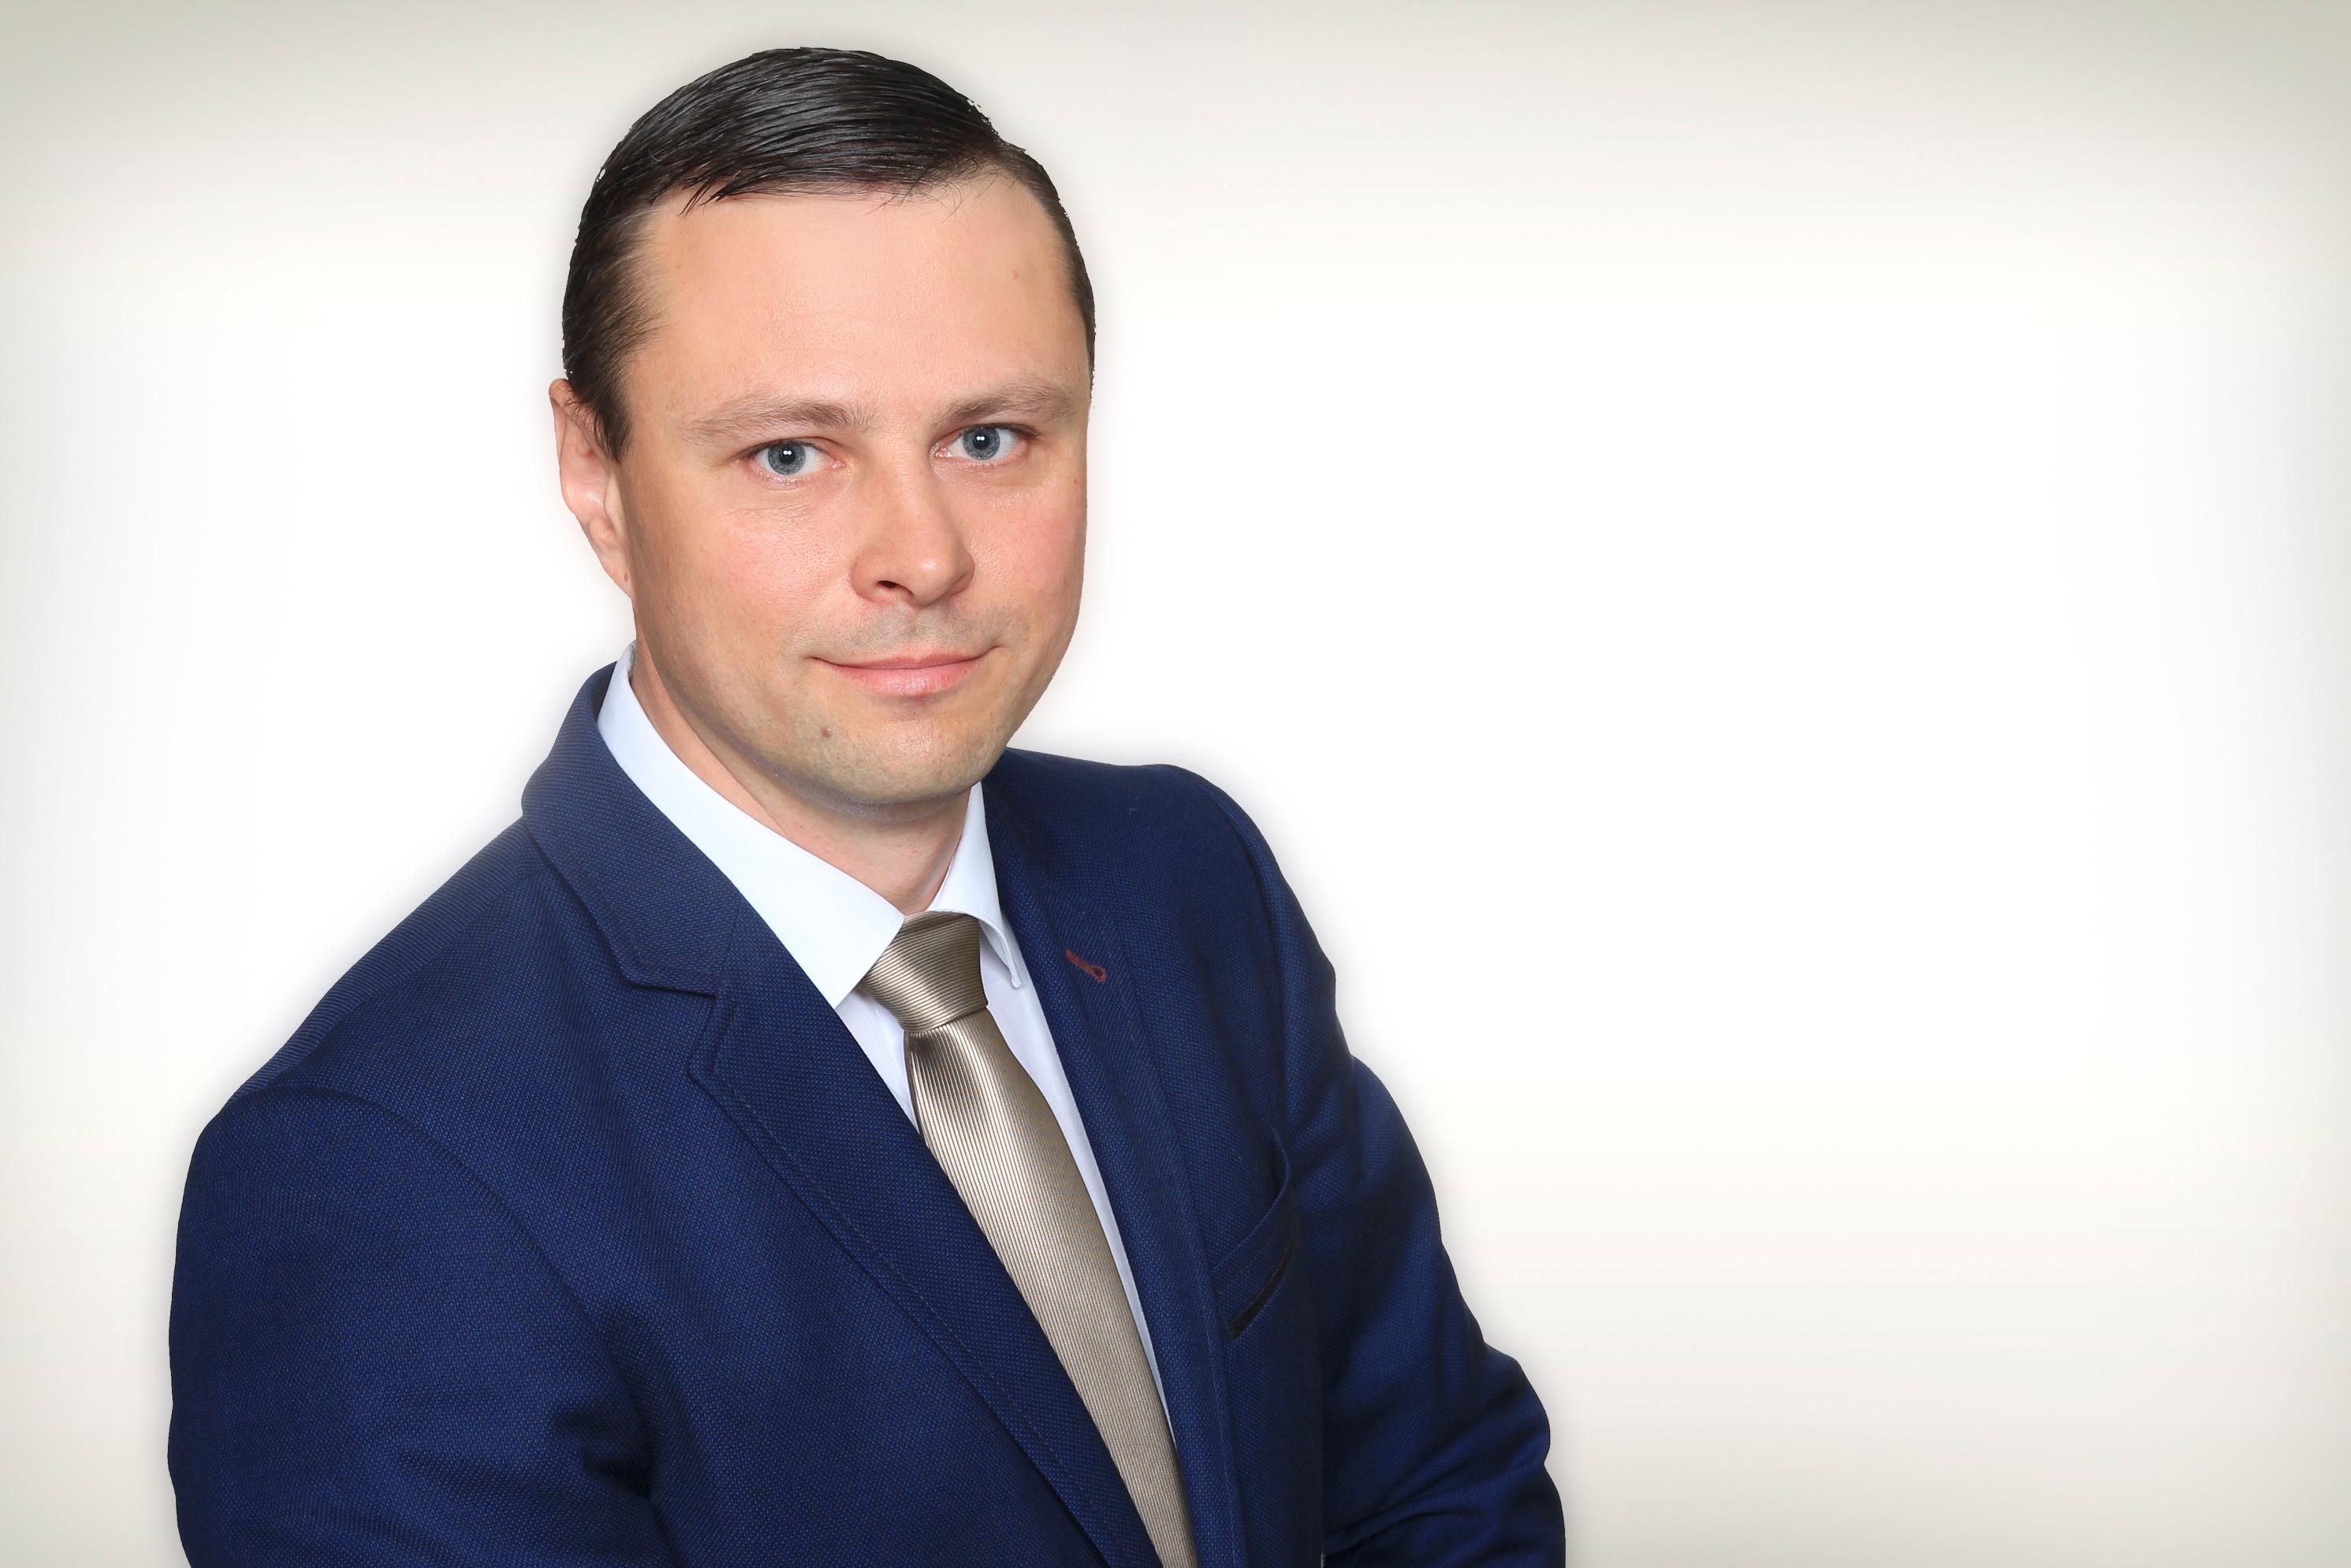 Andrius Surantas, Vice President, Operations, Peikko Group Corporation